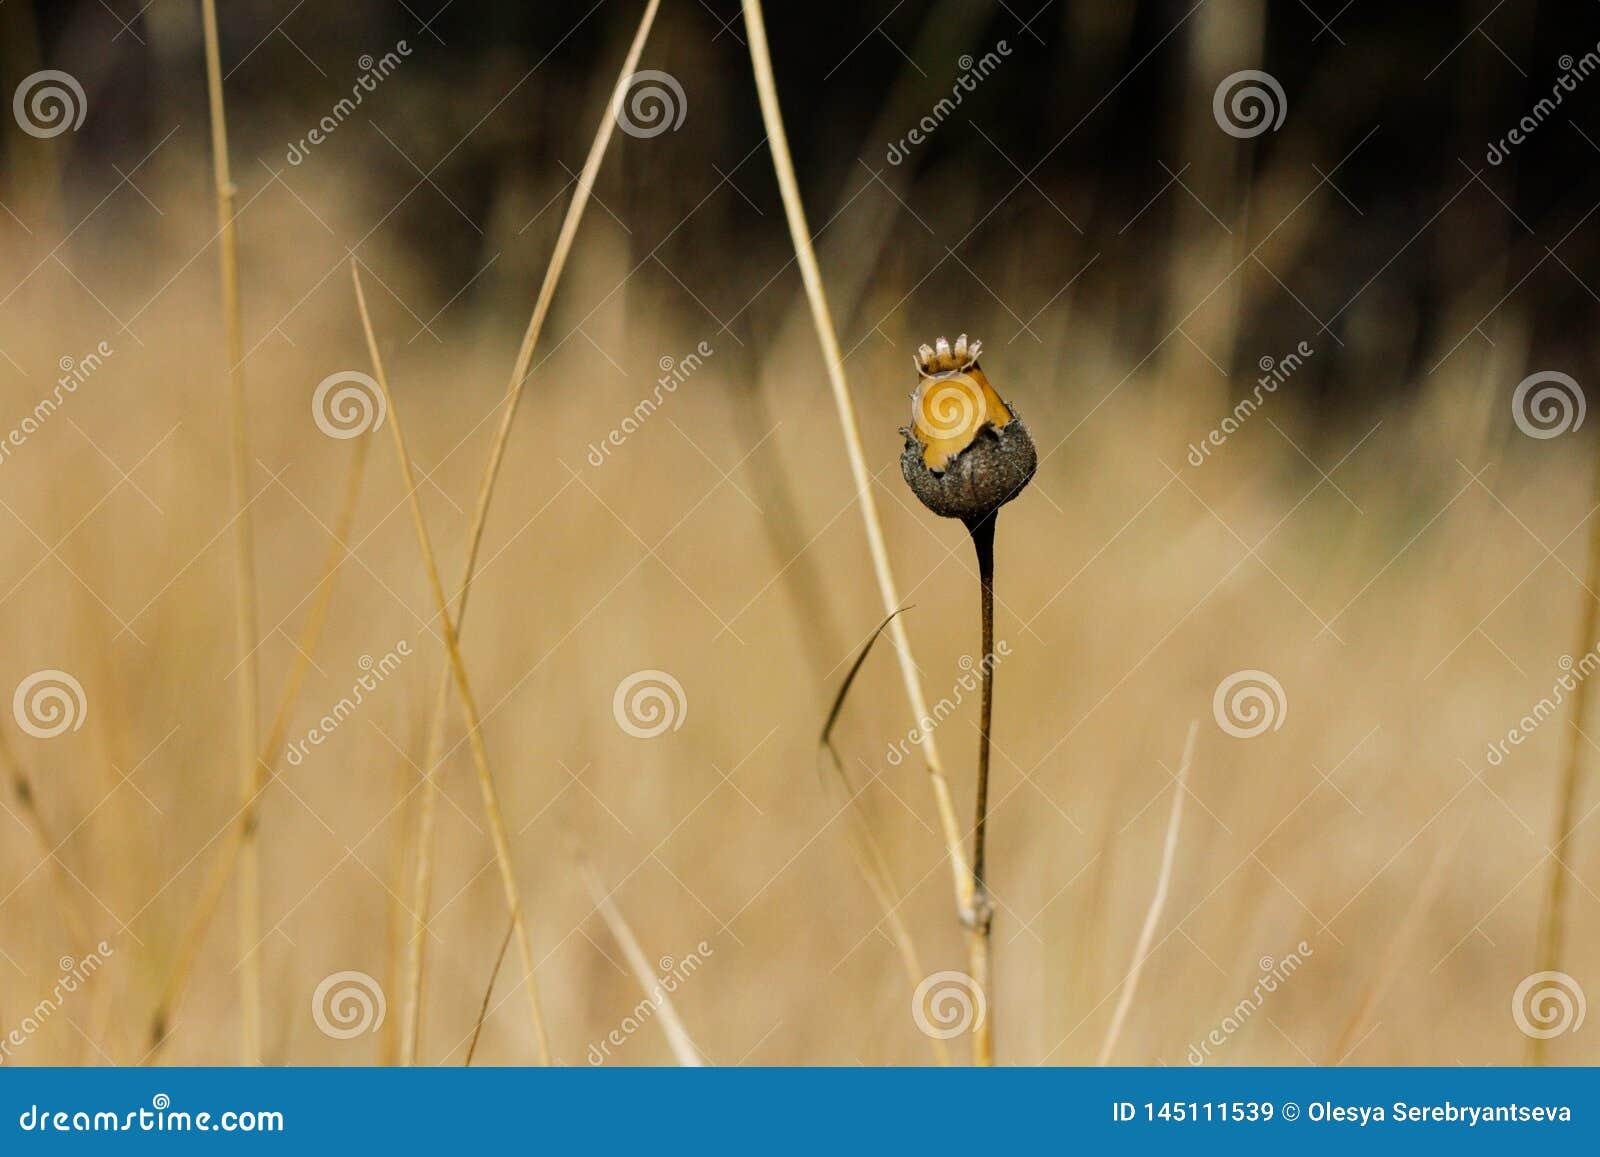 Hierba seca en fondo amarillo